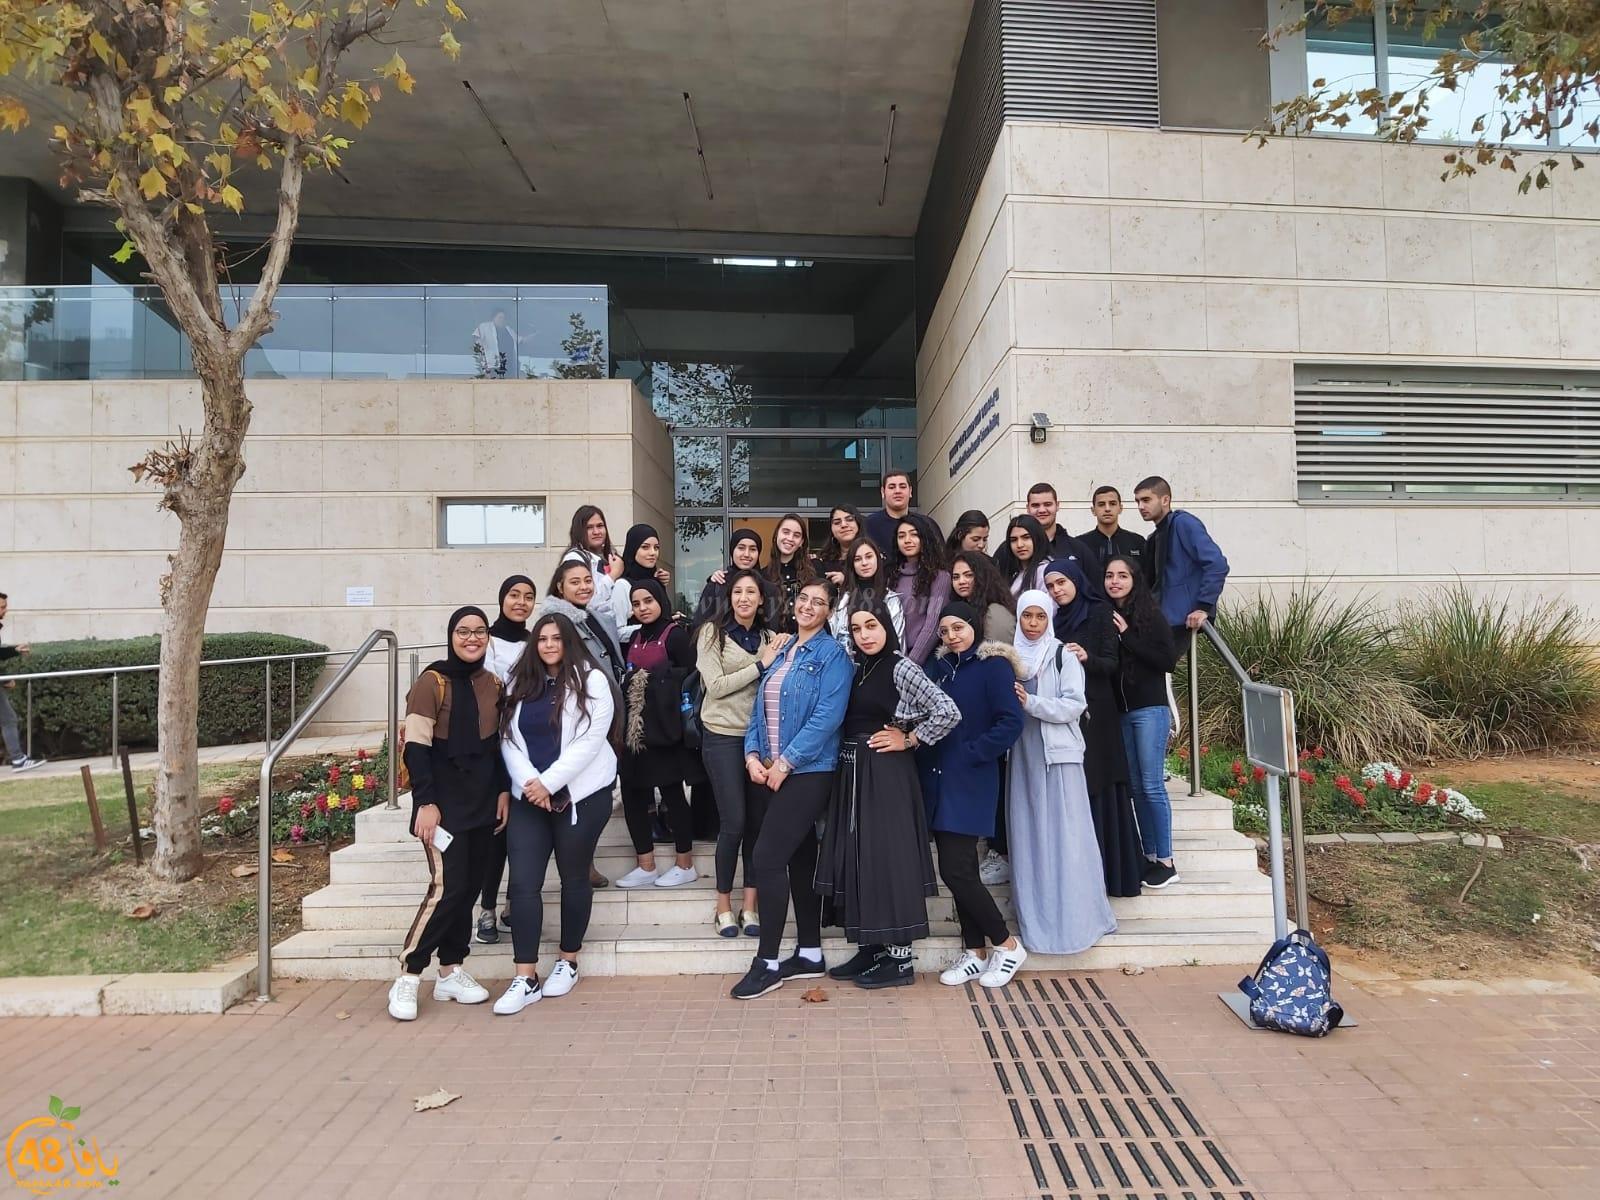 الكلية الأكاديمية تستضيف طلاب مدرستي سانت جورج من اللد والشاملة في شفاعمرو